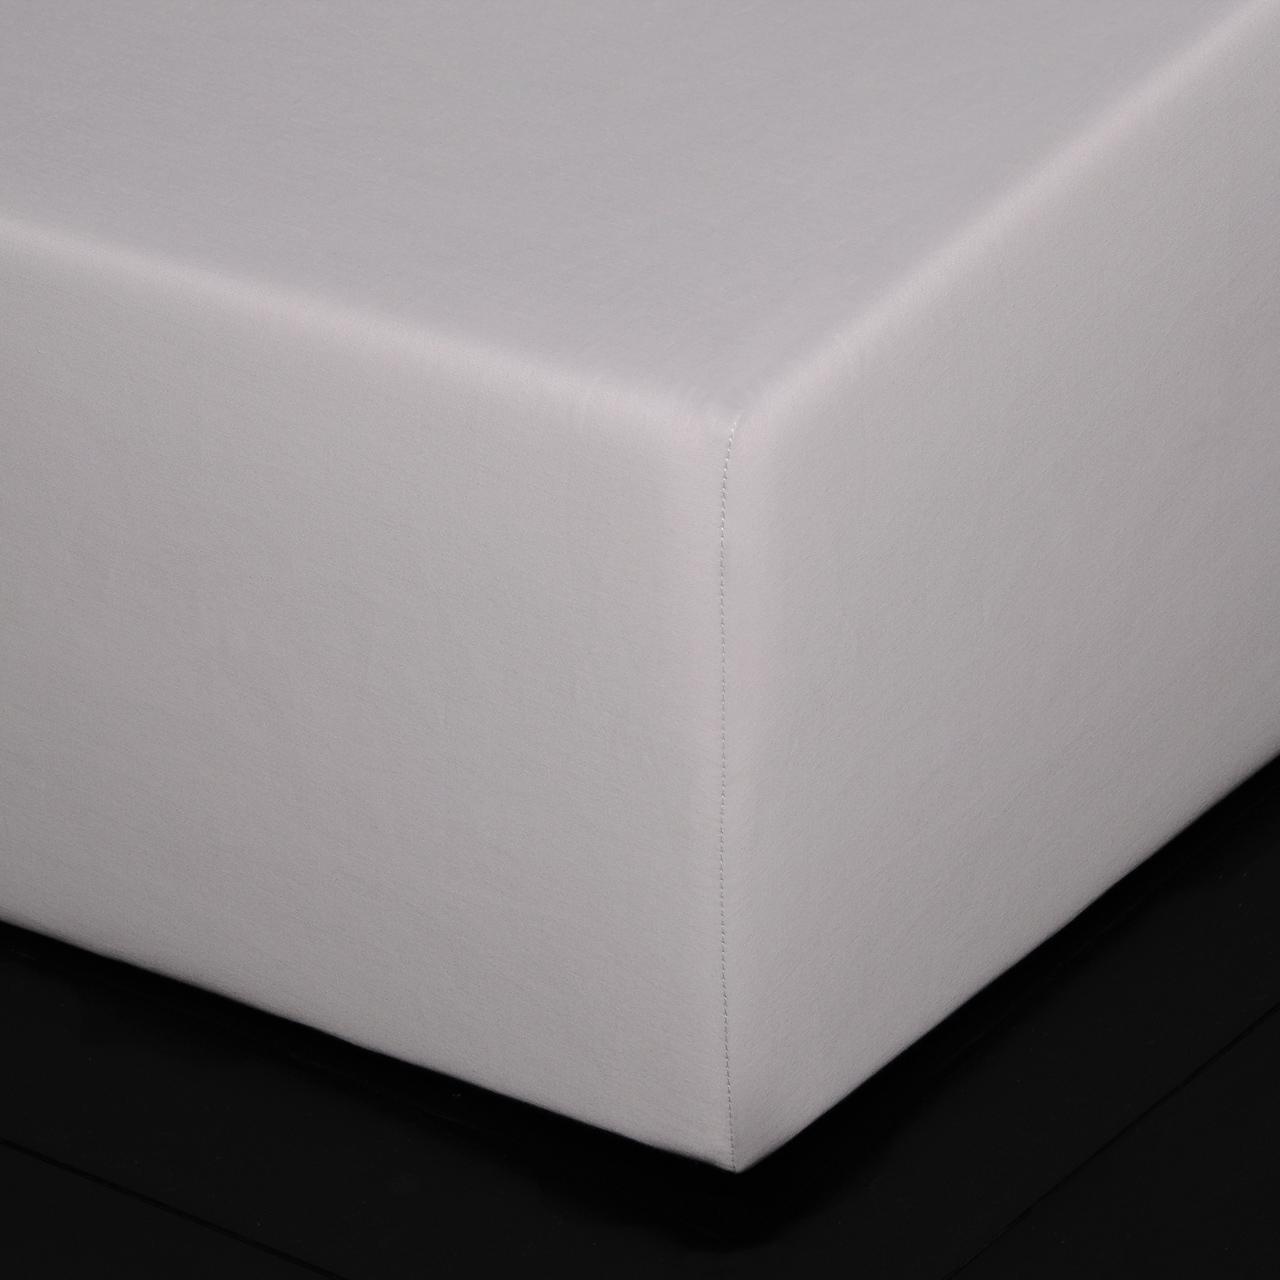 ボックスシーツ1枚 封筒型枕カバー2枚 / Home Concept(ホームコンセプト) / BLOW